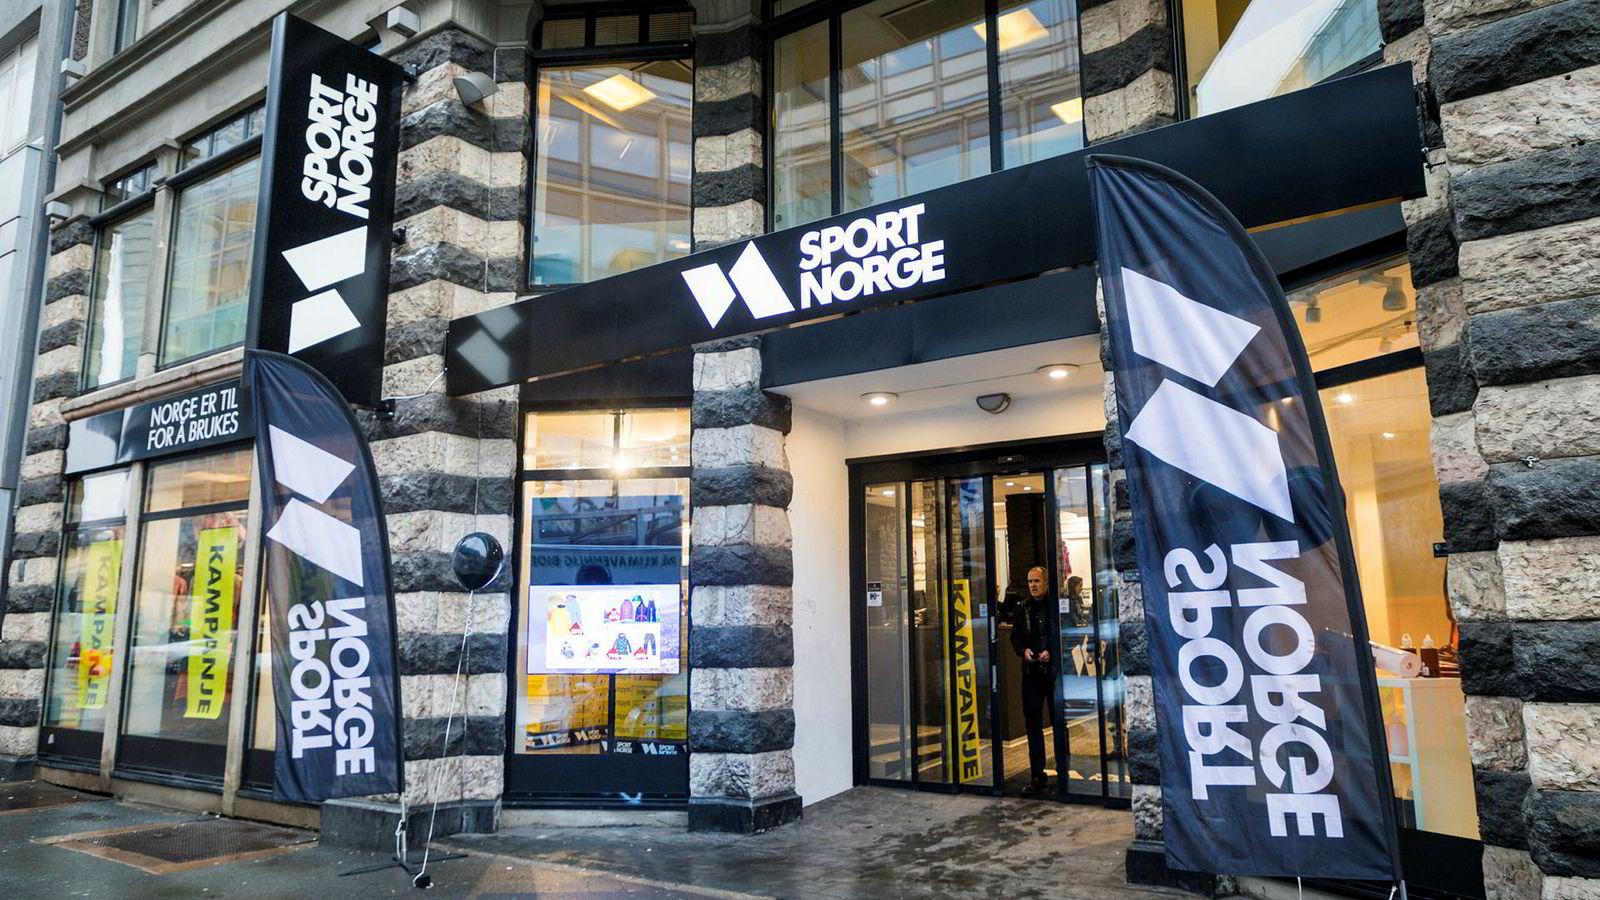 Sport 1 har valgt å trekke seg ut av dette attraktive lokalet i Storgata. Inn kommer Sport Norge-kjeden fra Bergen med investorhjelp fra Edvin Austbø.